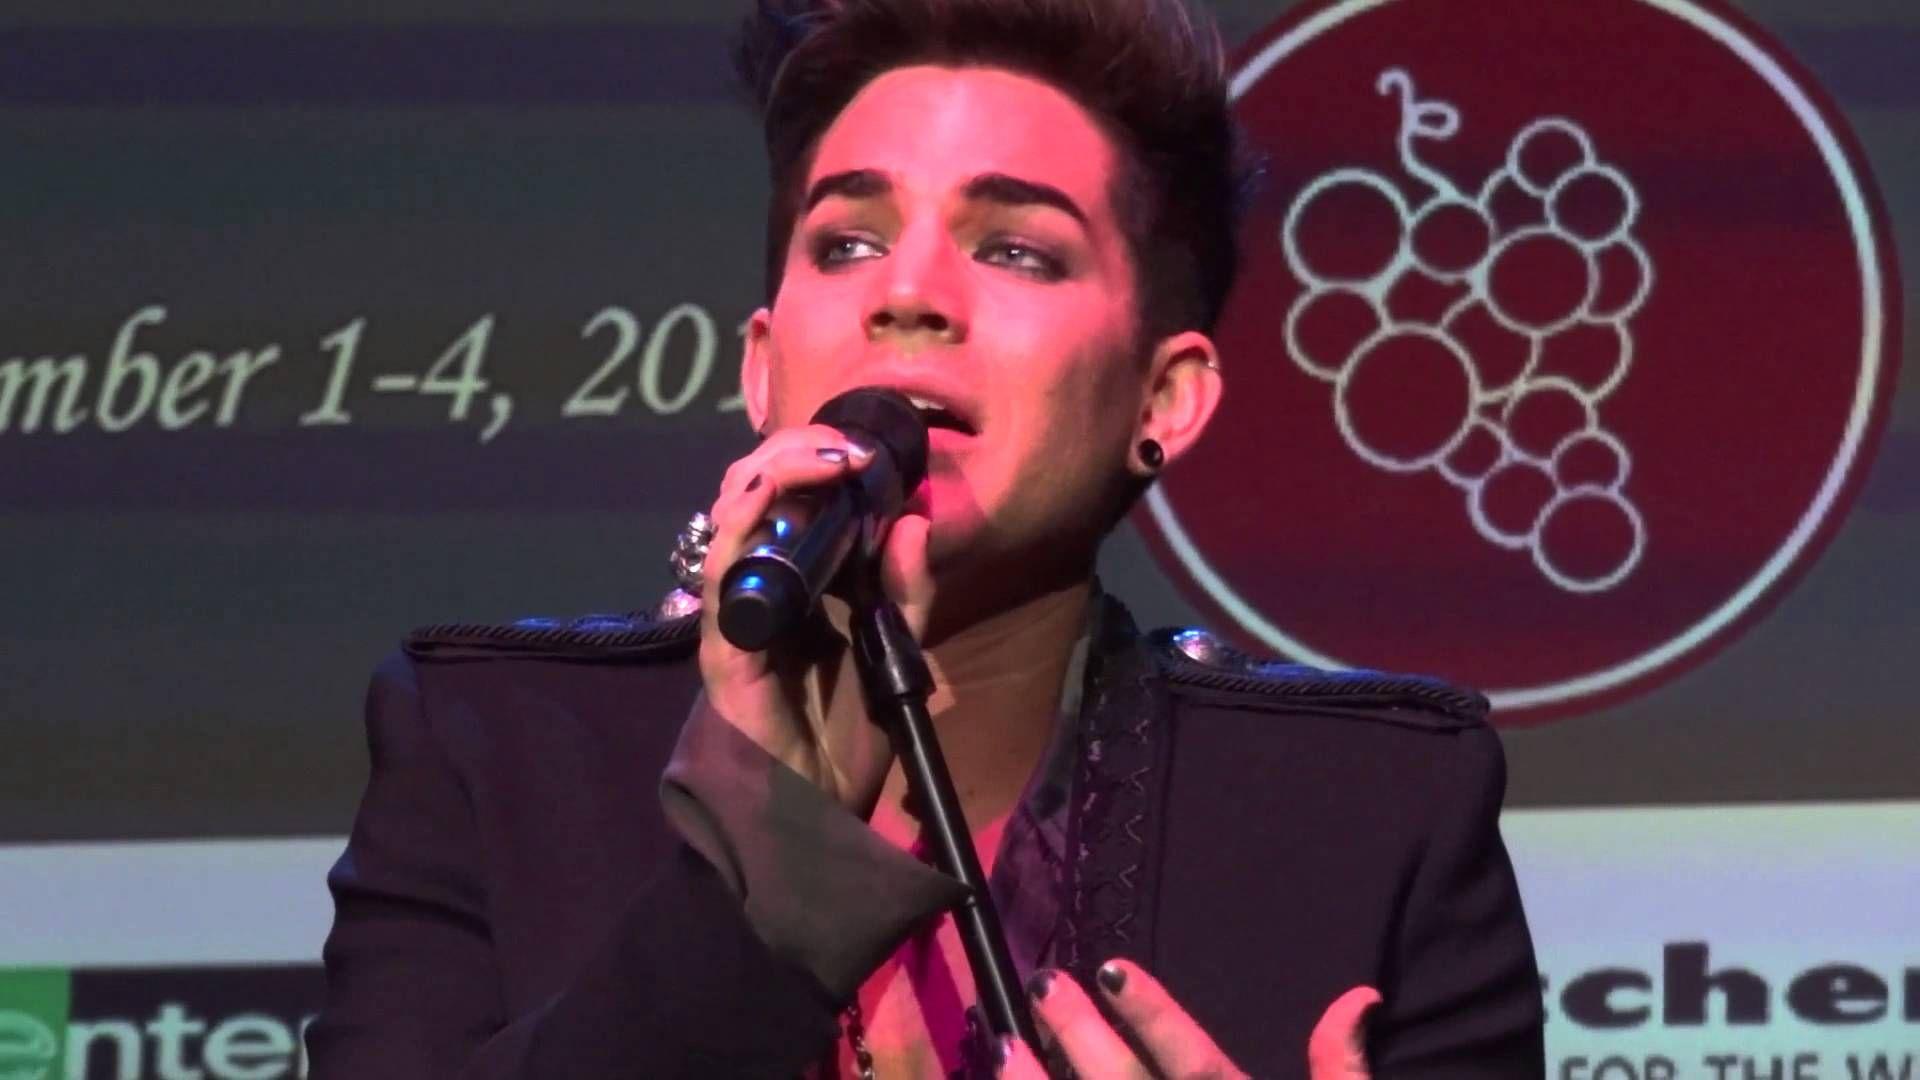 Adam Lambert Whataya Want From Me Live In The Vineyard 11 3